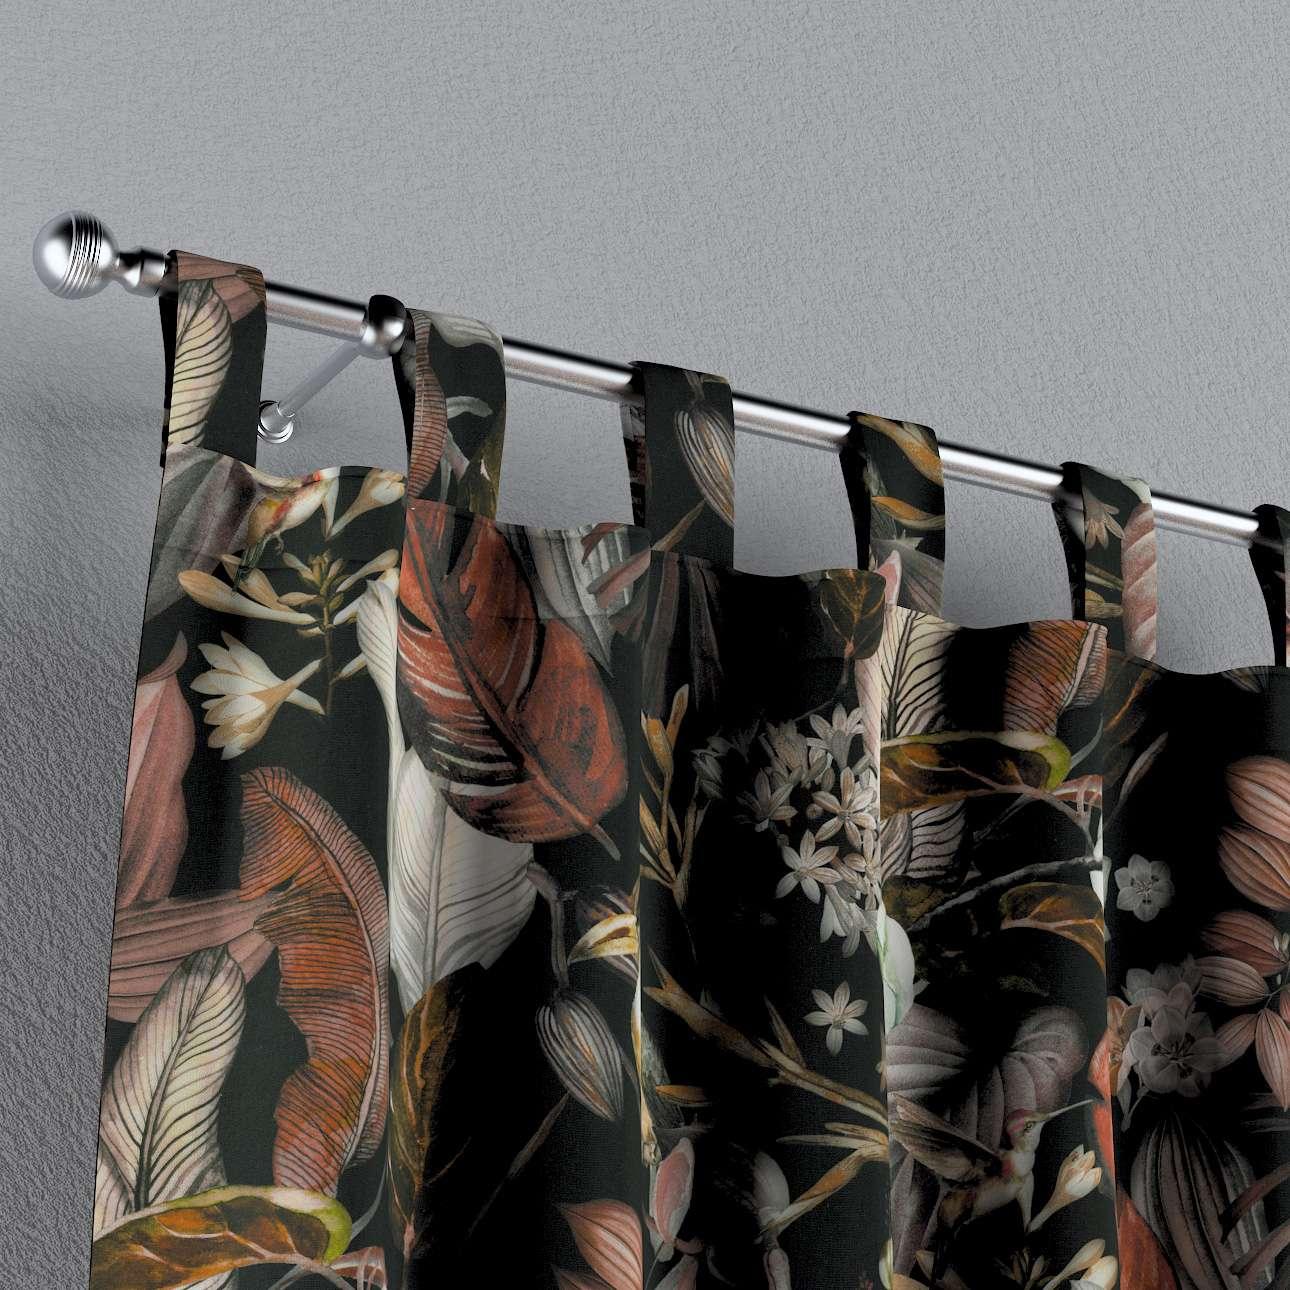 Zasłona na szelkach 1 szt. w kolekcji Abigail, tkanina: 143-10